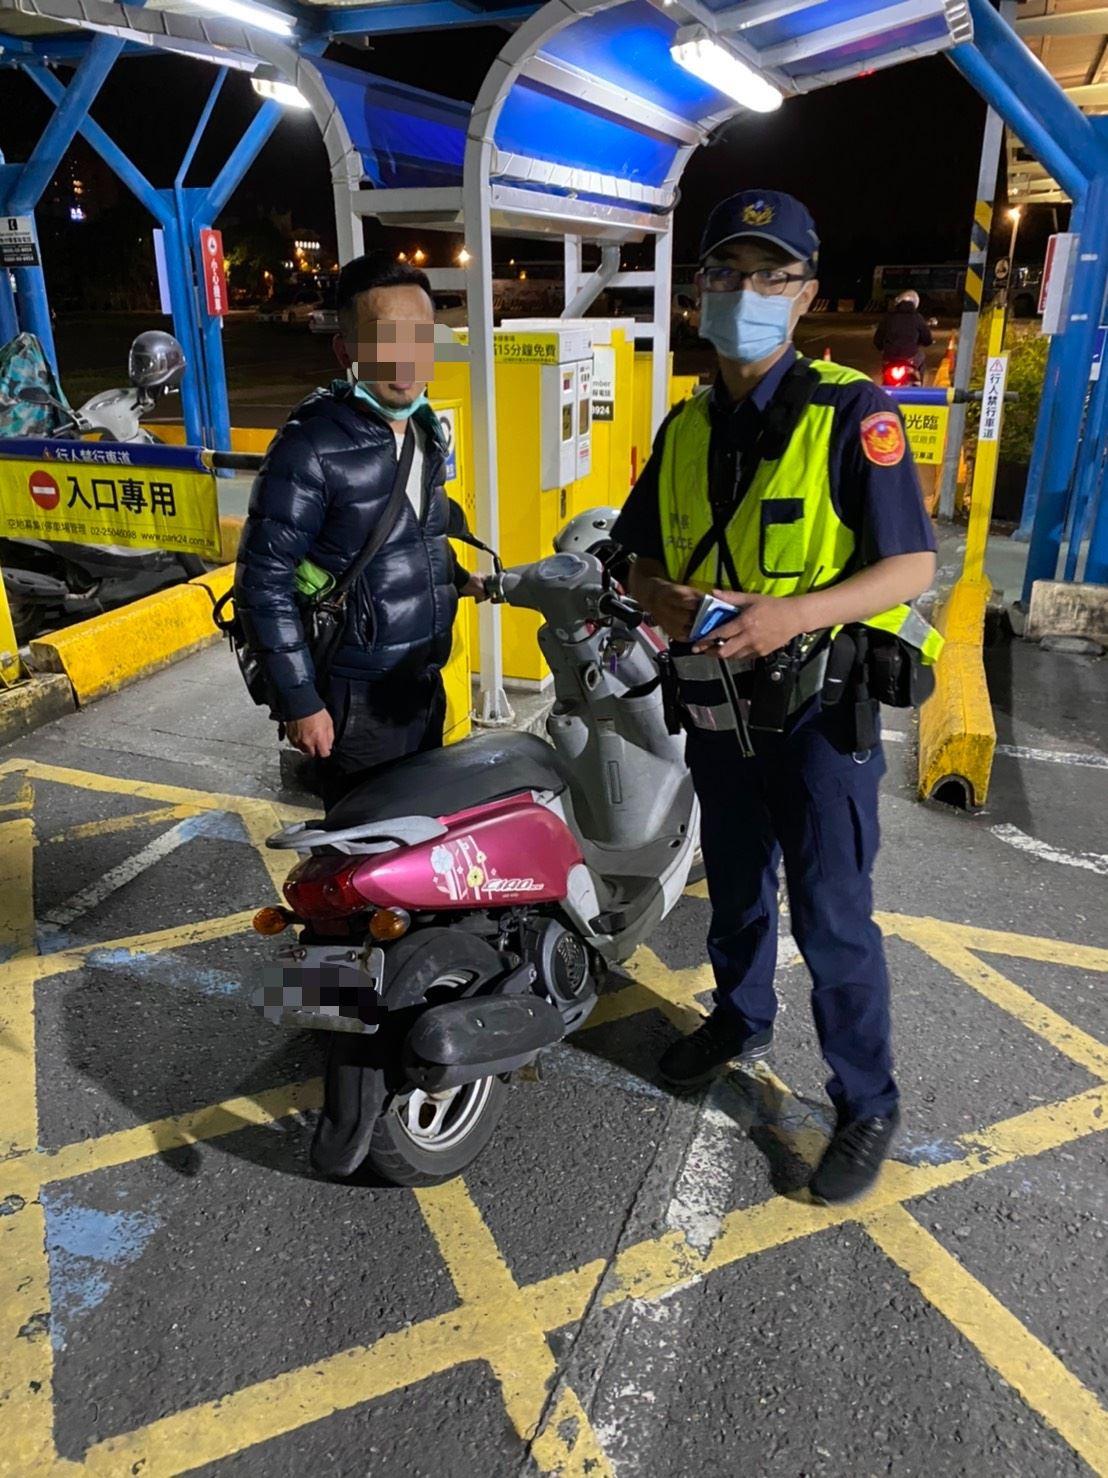 停車場未見機車誤以為失竊 宜警熱心協助尋回